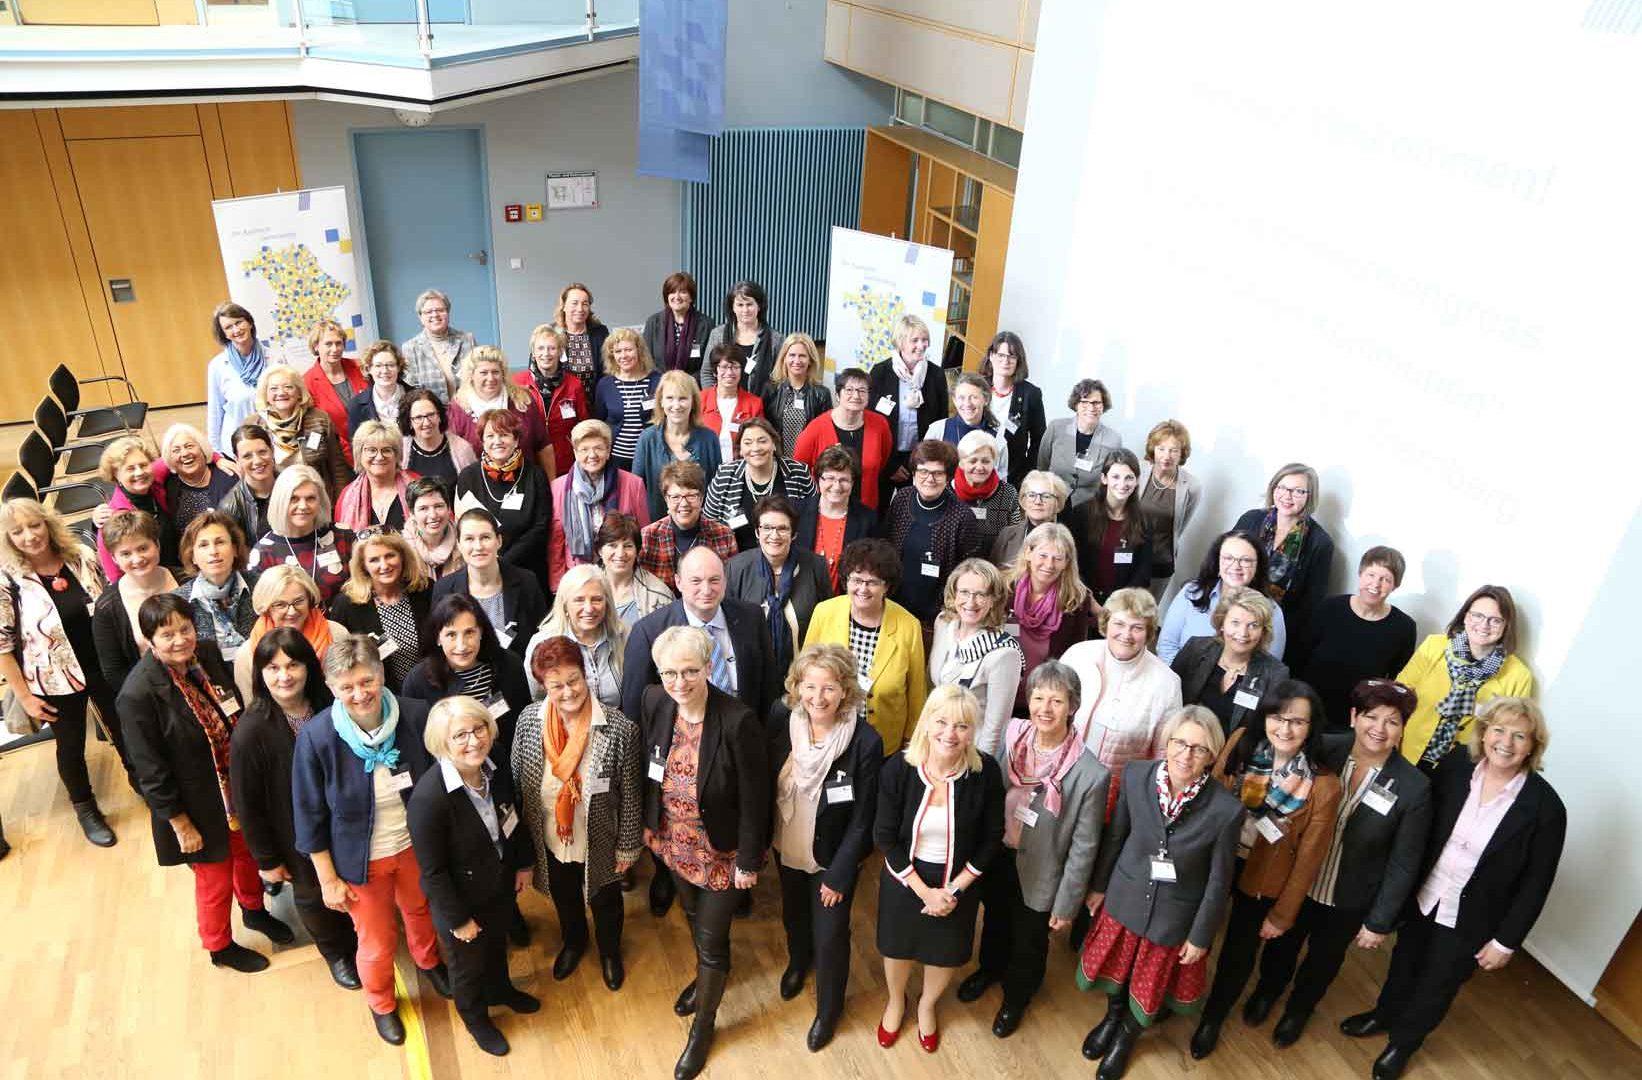 Rund 70 Bürgermeisterinnen aus allen Teilen Bayerns waren bei der zweitägigen Veranstaltung anwesend. Der einzige Mann am Foto ist übrigens der stellvertretende Landrat Georg Scheitz. ©Gemeindebund